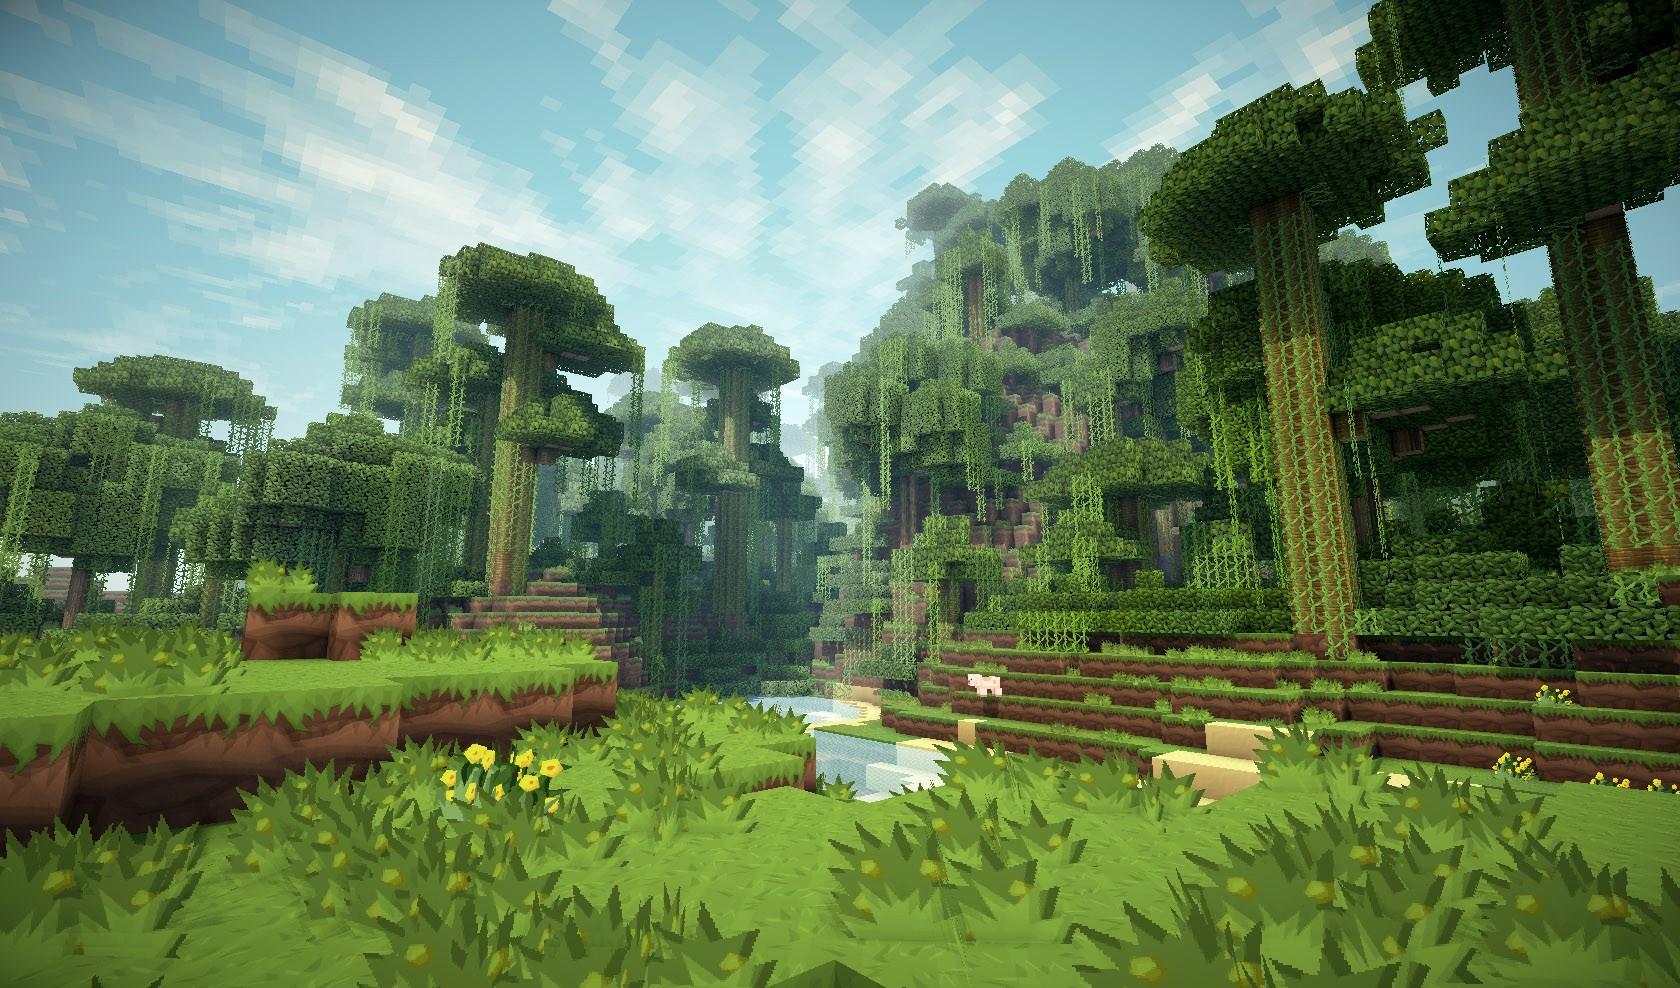 Dżungla O_o